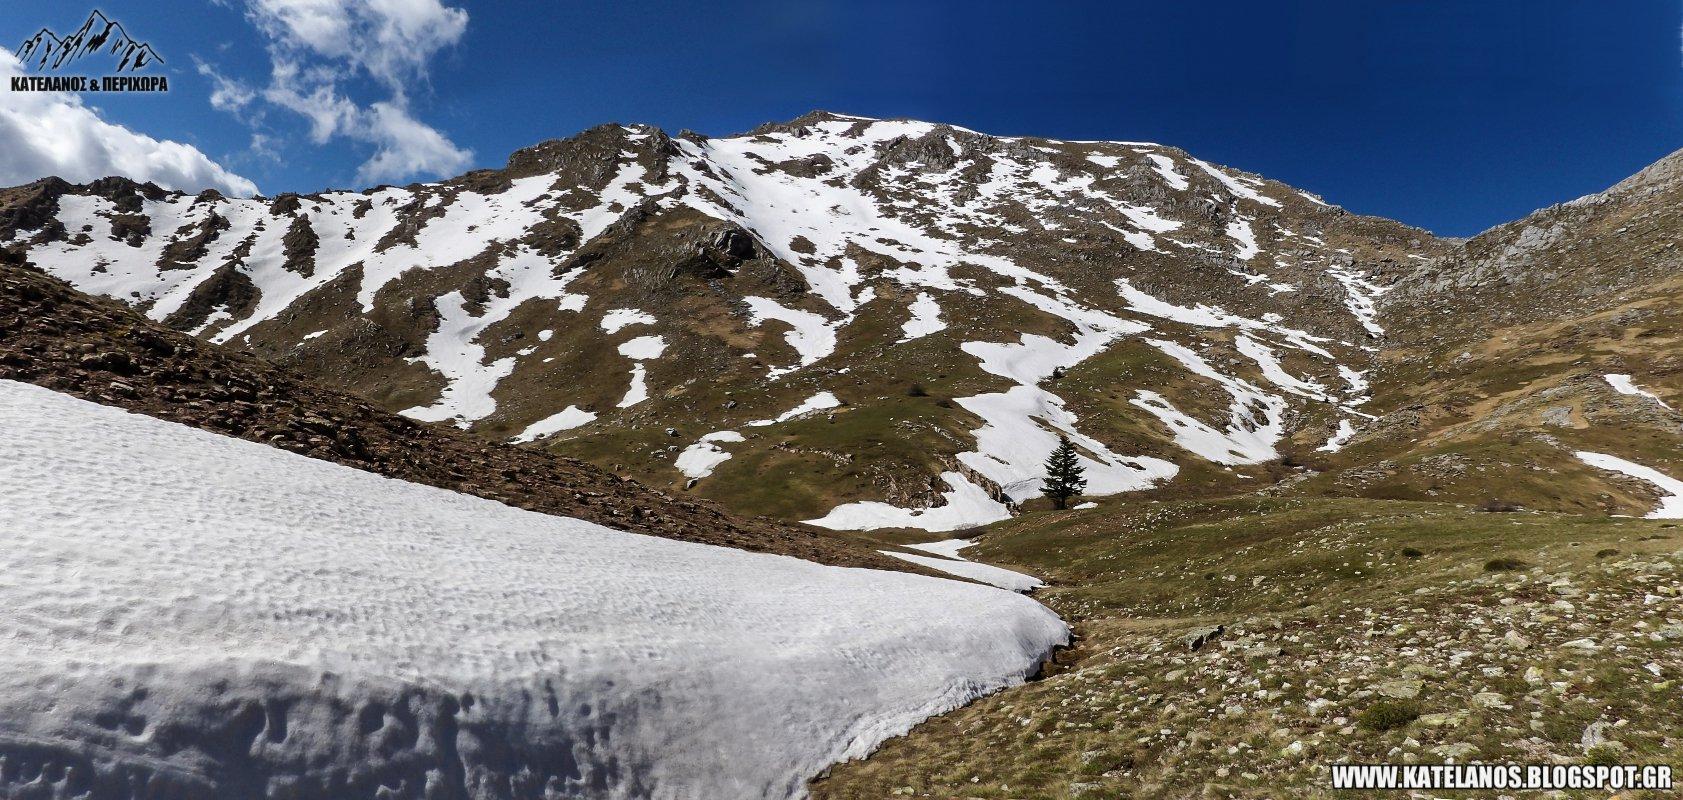 λακκα χονδρου κατελανος χιονουρες βουνο παναιτωλικο ορος